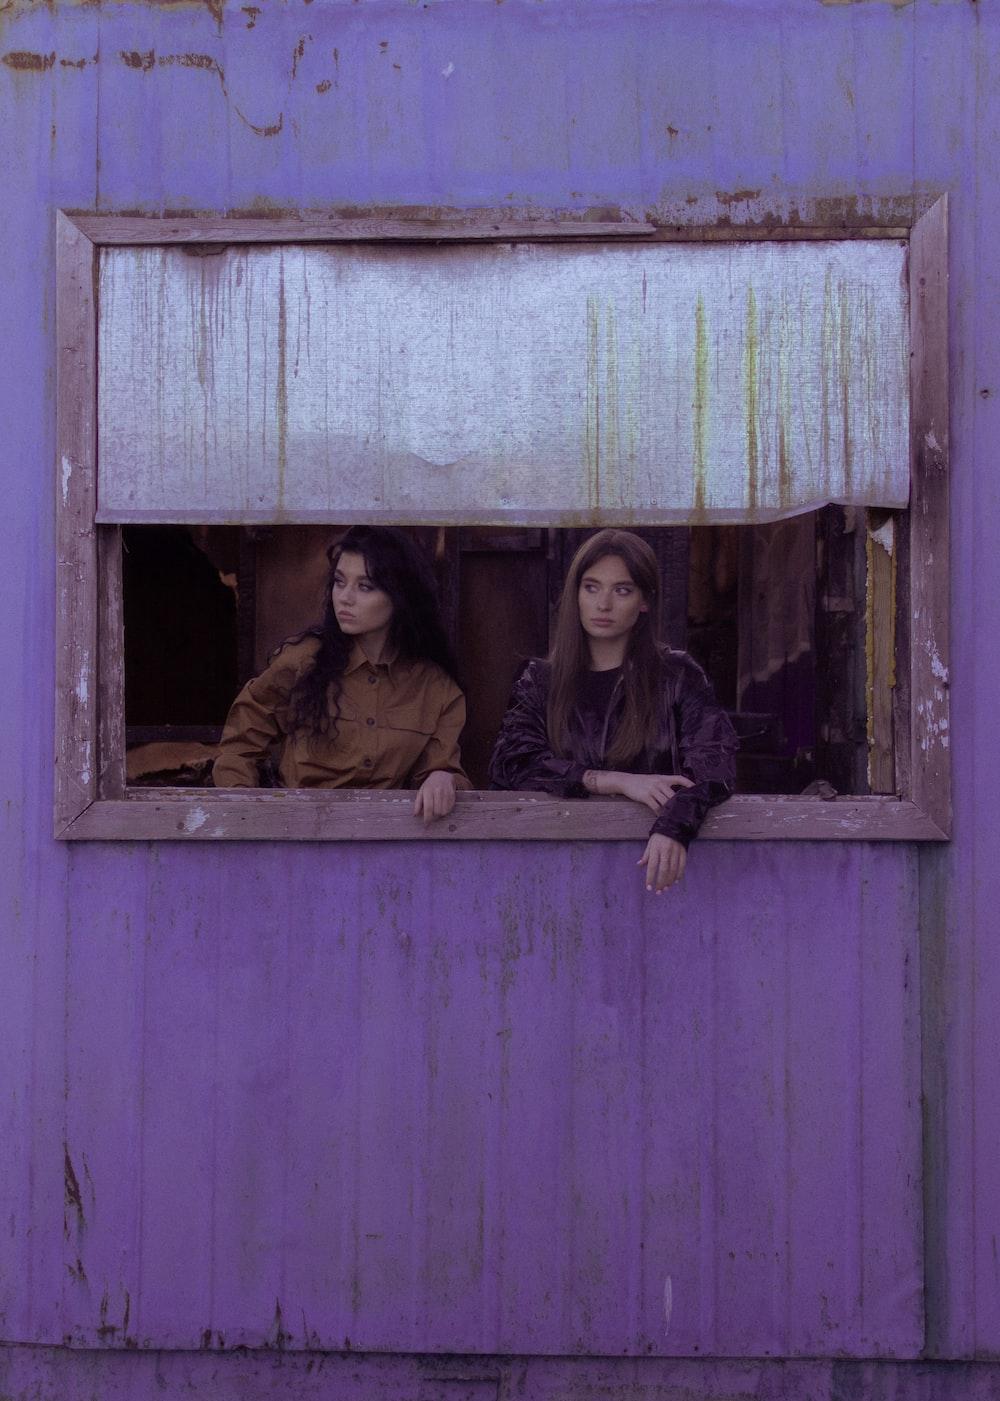 2 women sitting on window